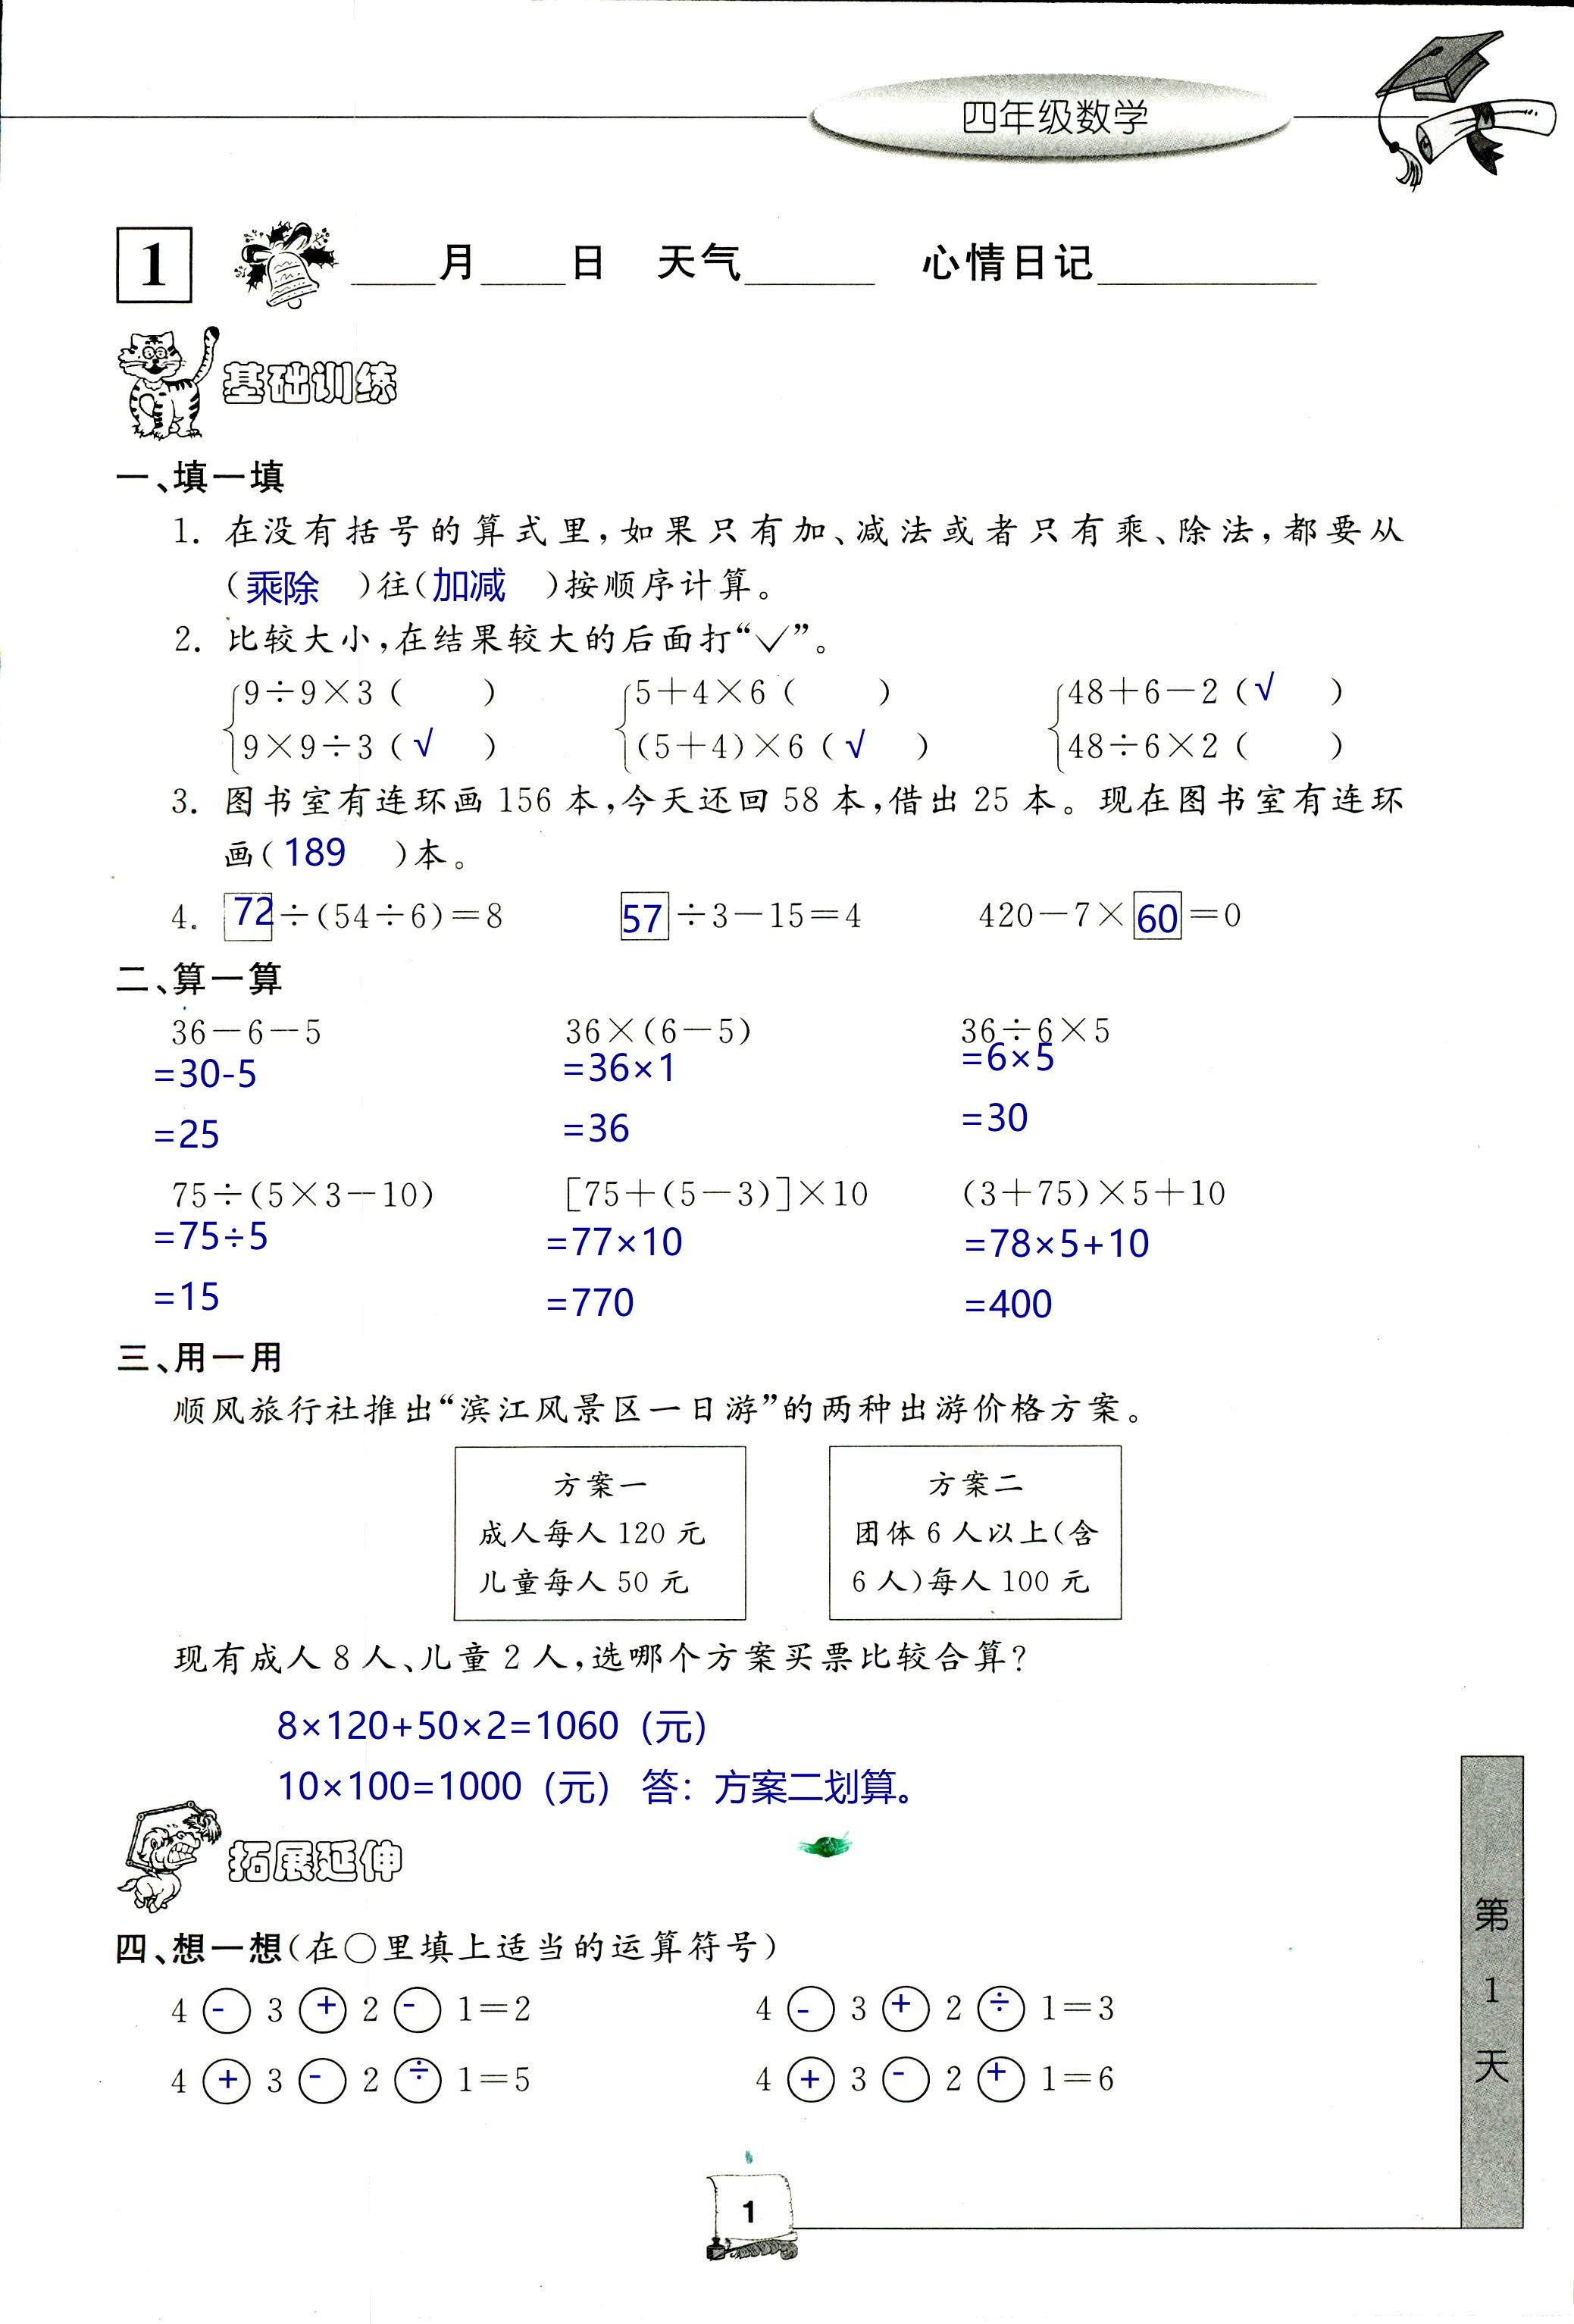 2020年蓝天教育暑假新时空中国和平出版社四年级数学参考答案第1页